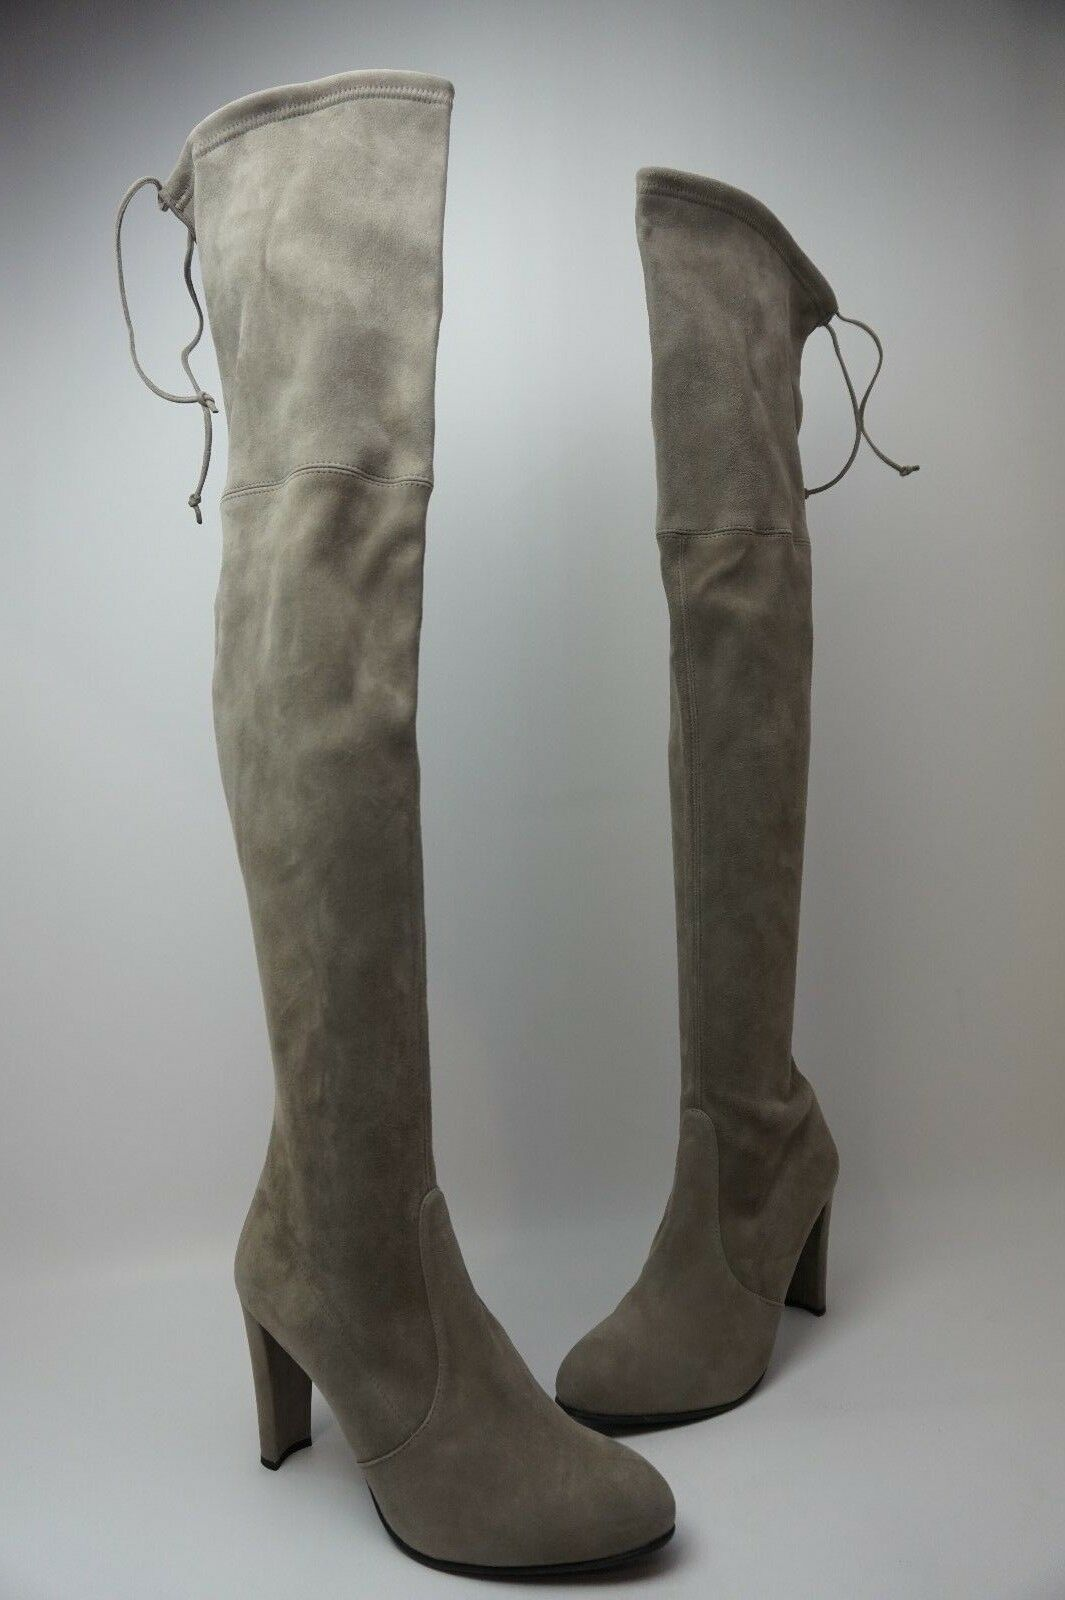 per offrirti un piacevole shopping online Stuart Weitzman Weitzman Weitzman Highland Over the Knee Topo grigio Suede stivali Dimensione 11 M  best-seller